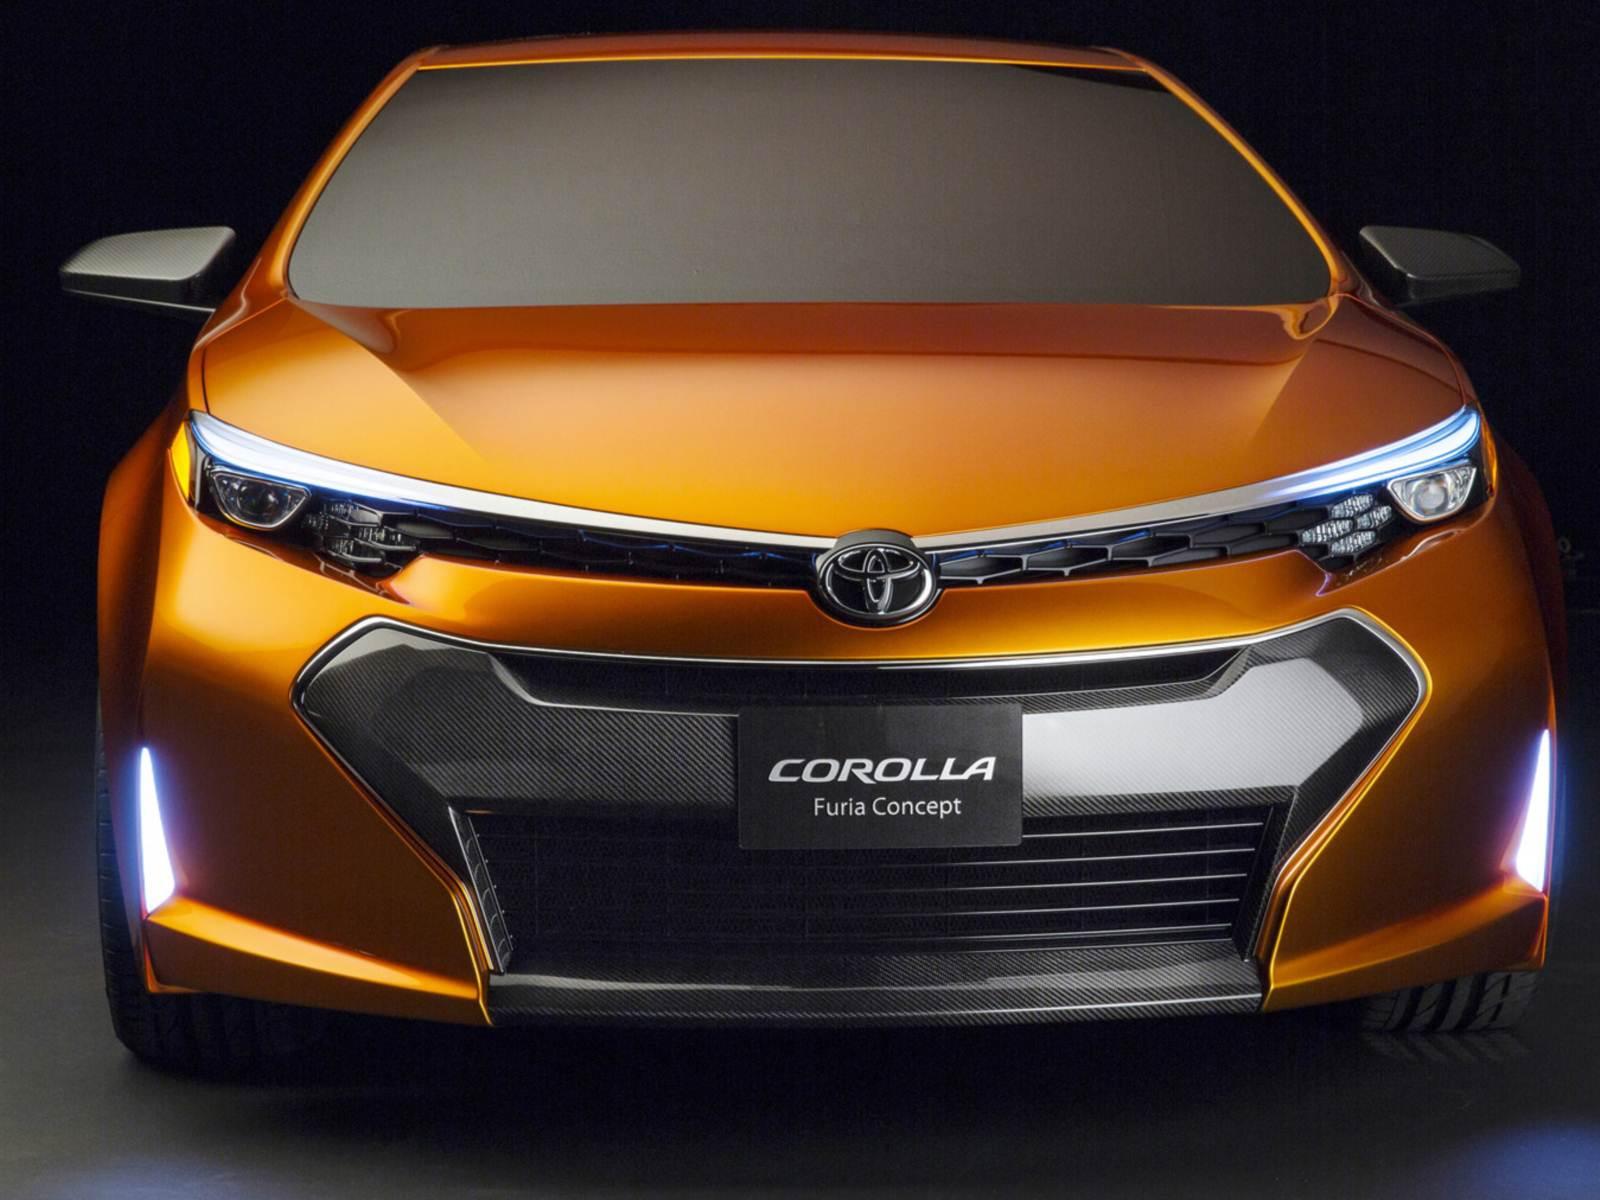 Novo Corolla 2015: preços começam em ~ R$ 70 mil reais   CAR.BLOG.BR ...